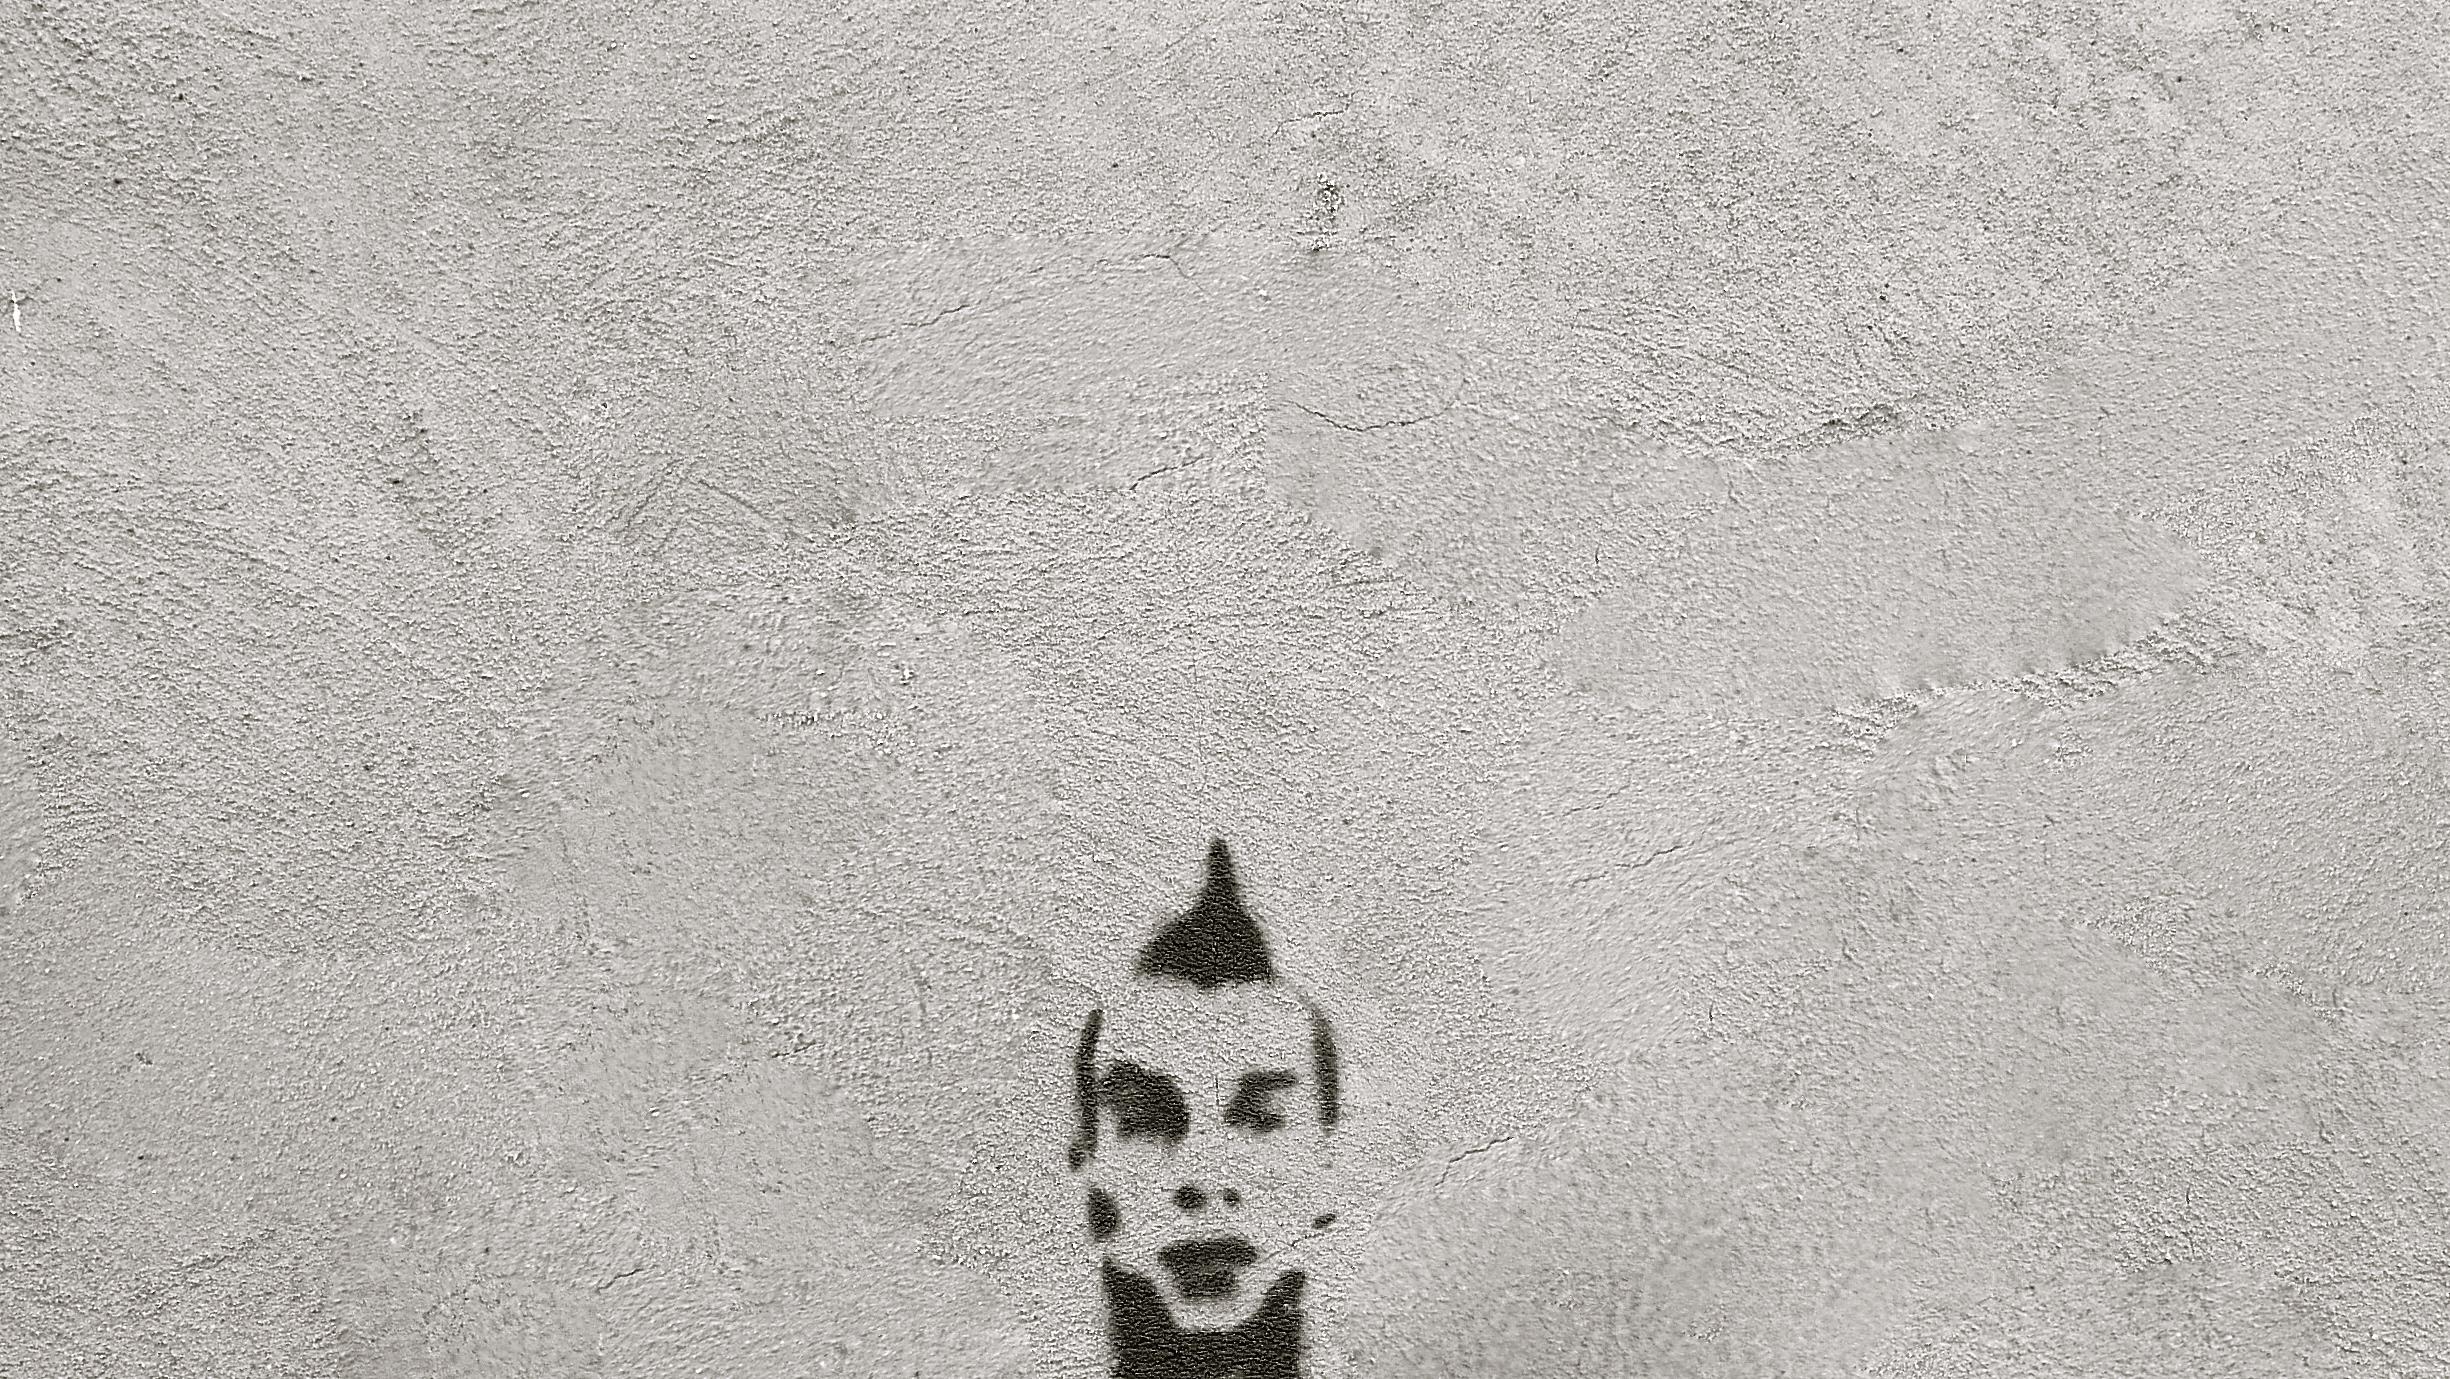 Graffiti stencil cabeza cresta